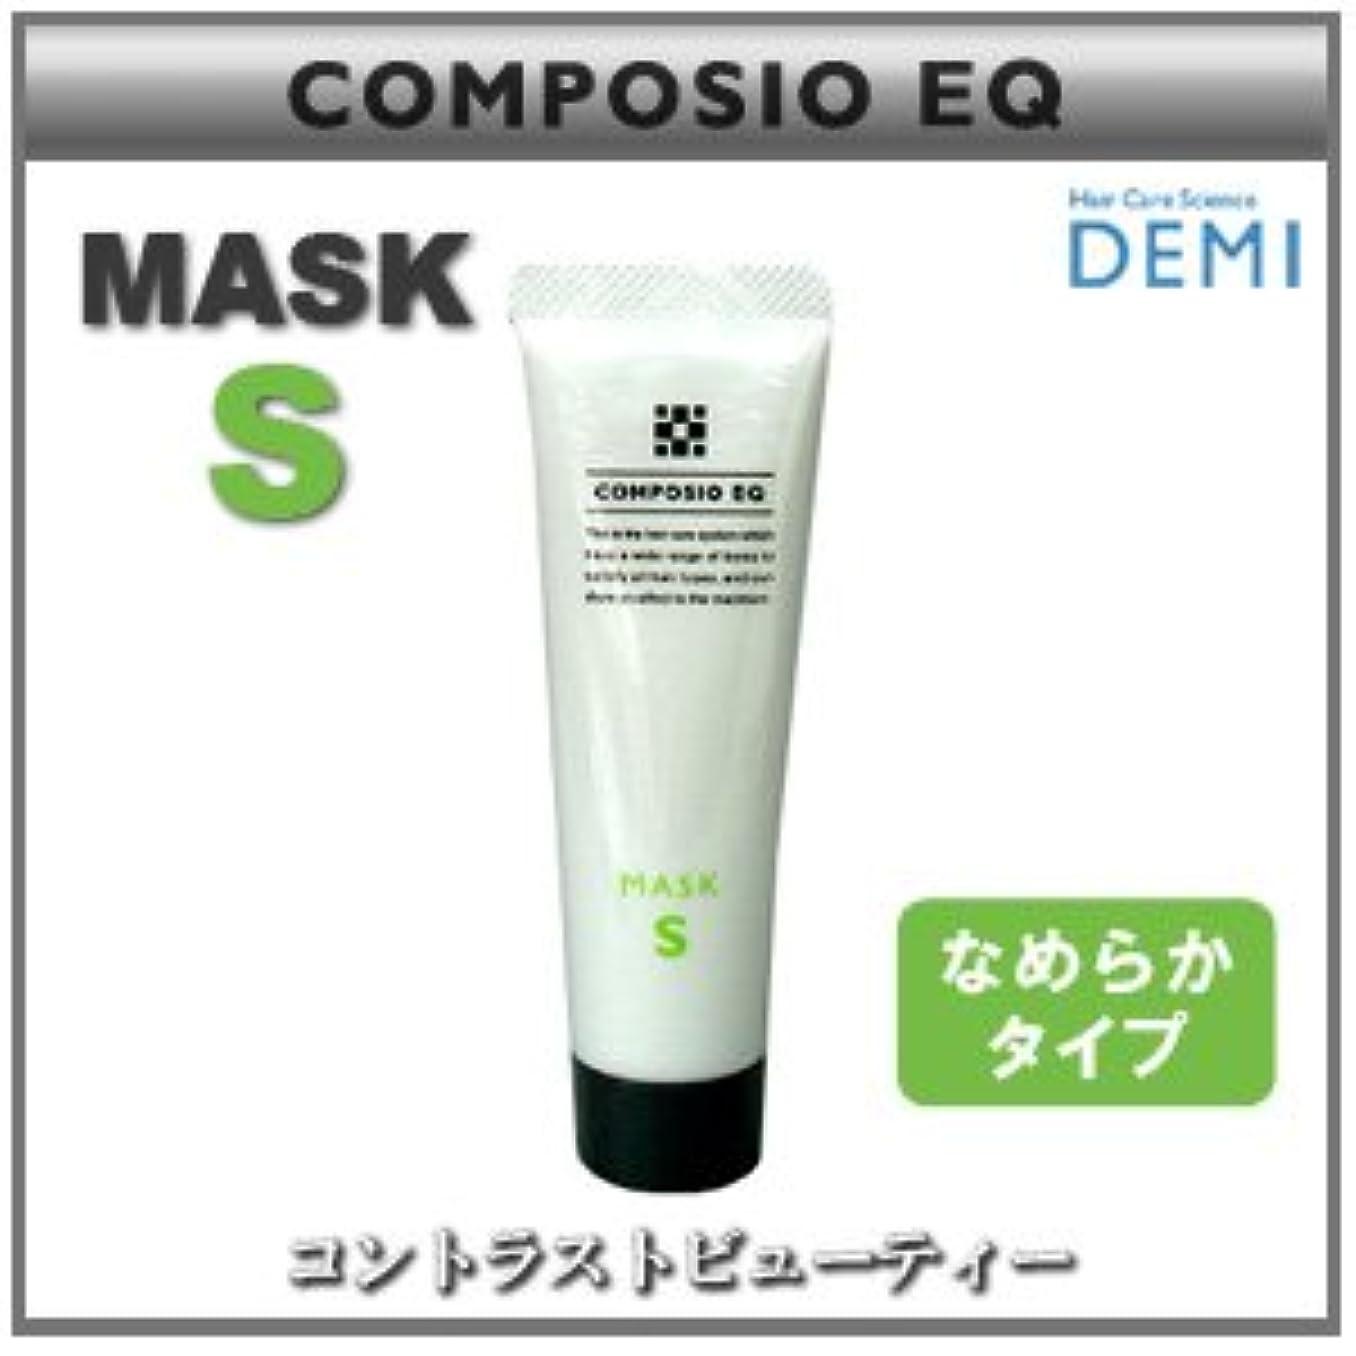 参加者セージ簡潔な【X2個セット】 デミ コンポジオ EQ マスク S 50g